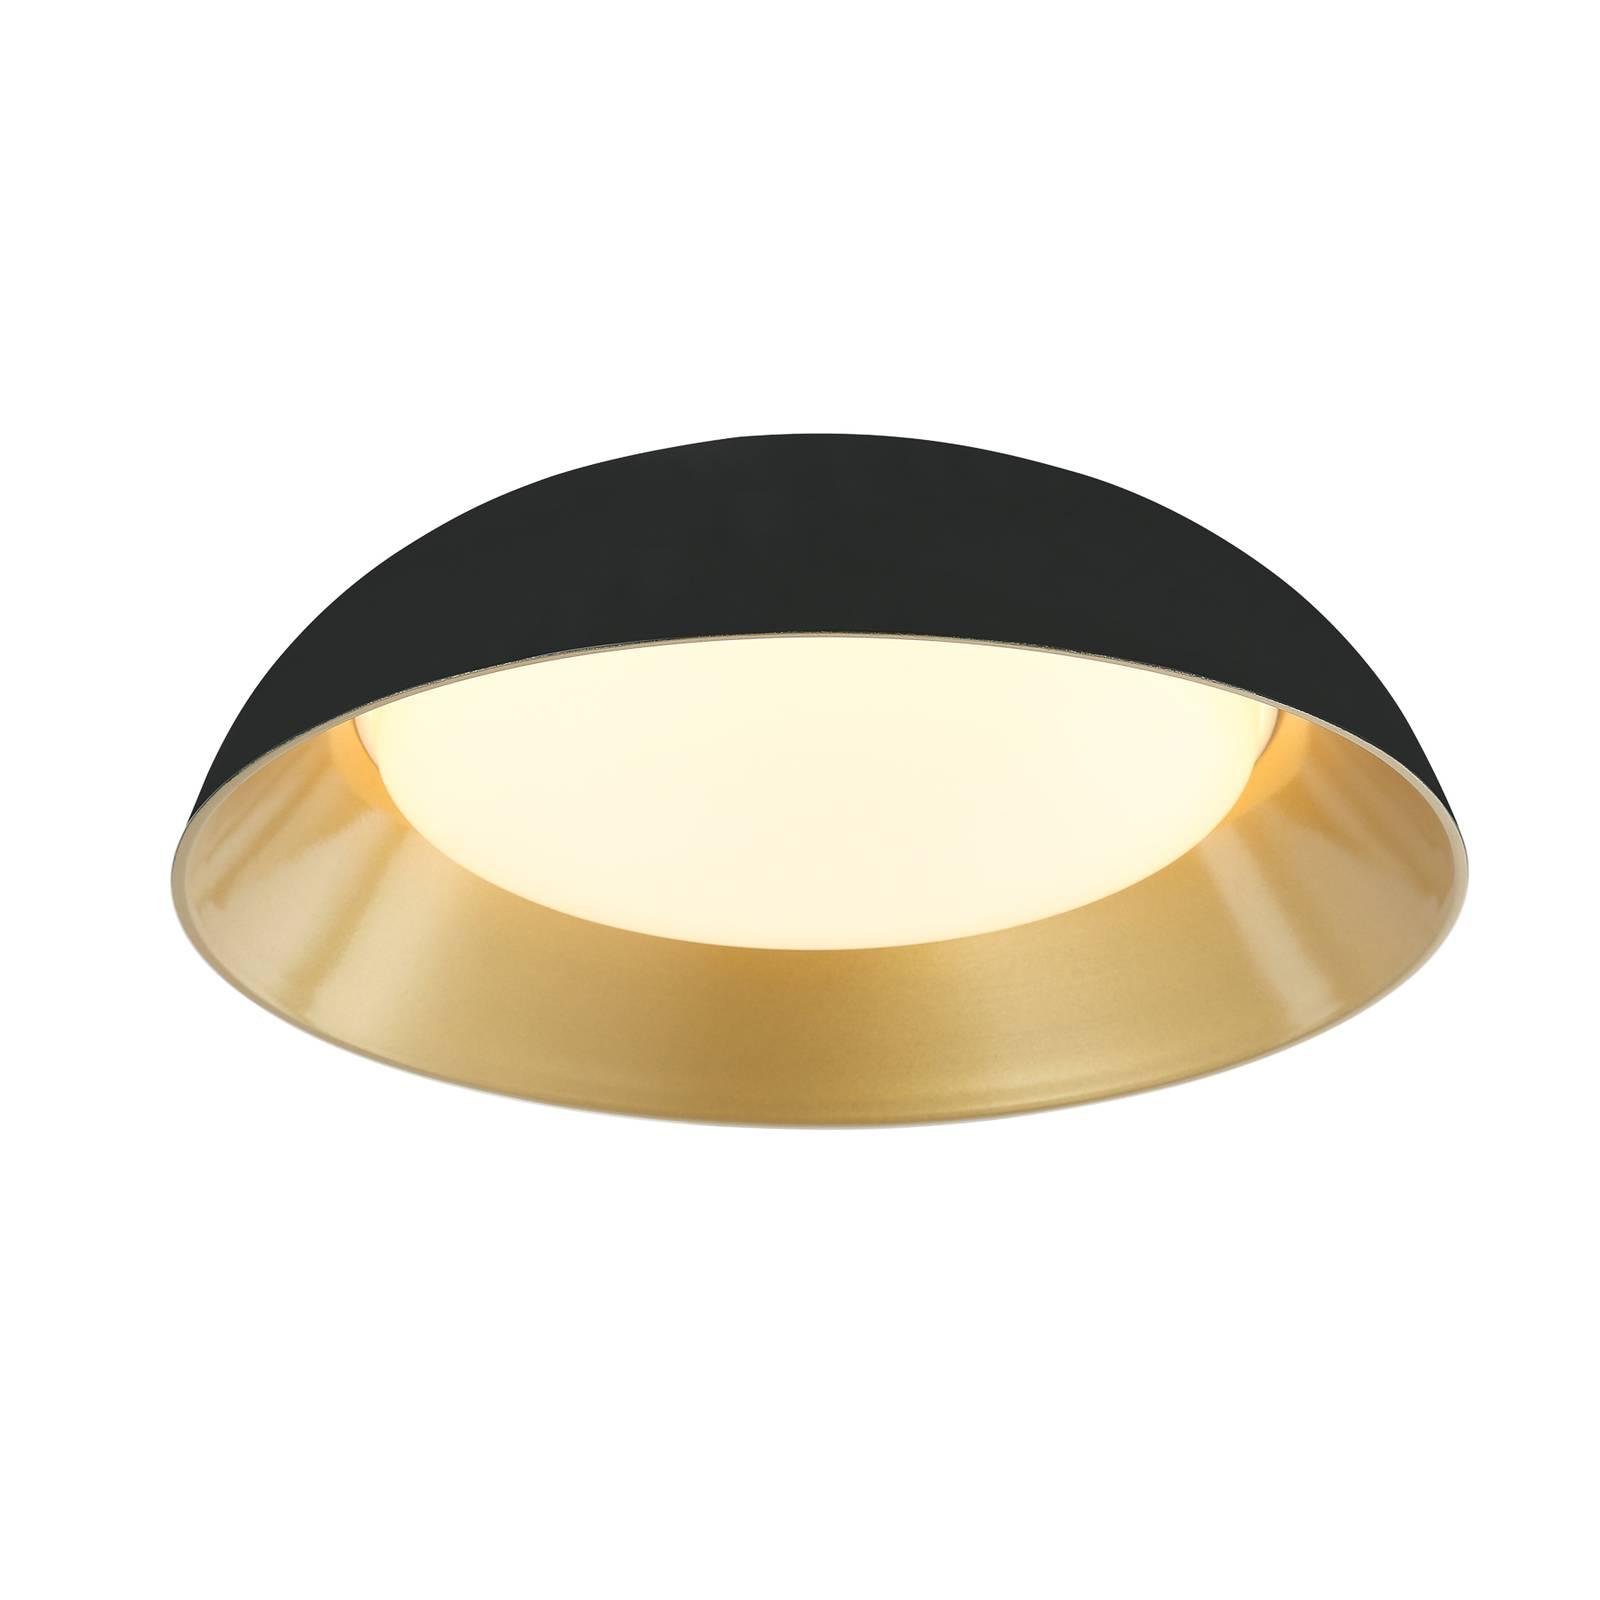 Lindby Lindby Juliven LED stropní svítidlo, černo-zlatá